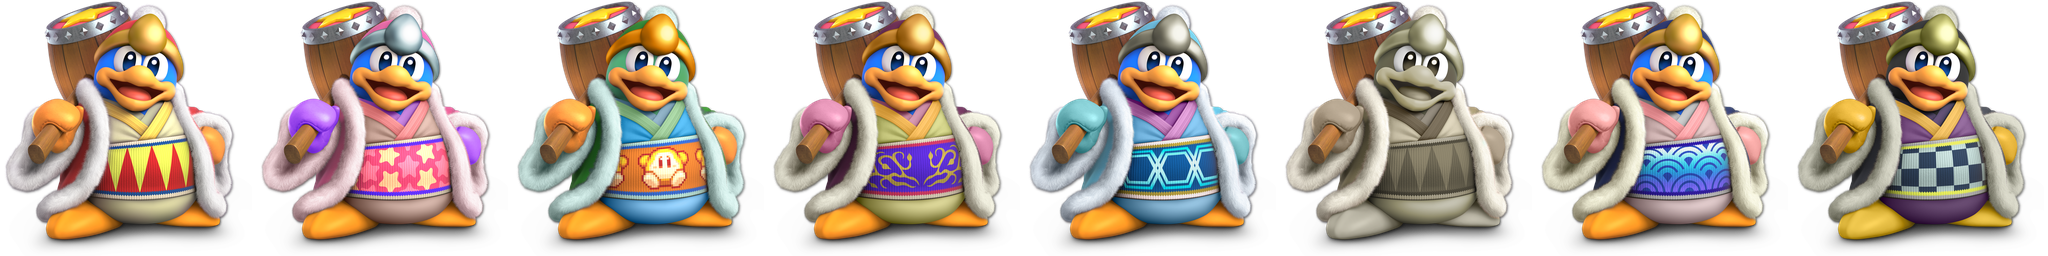 King Dedede (Super Smash Bros. Ultimate)